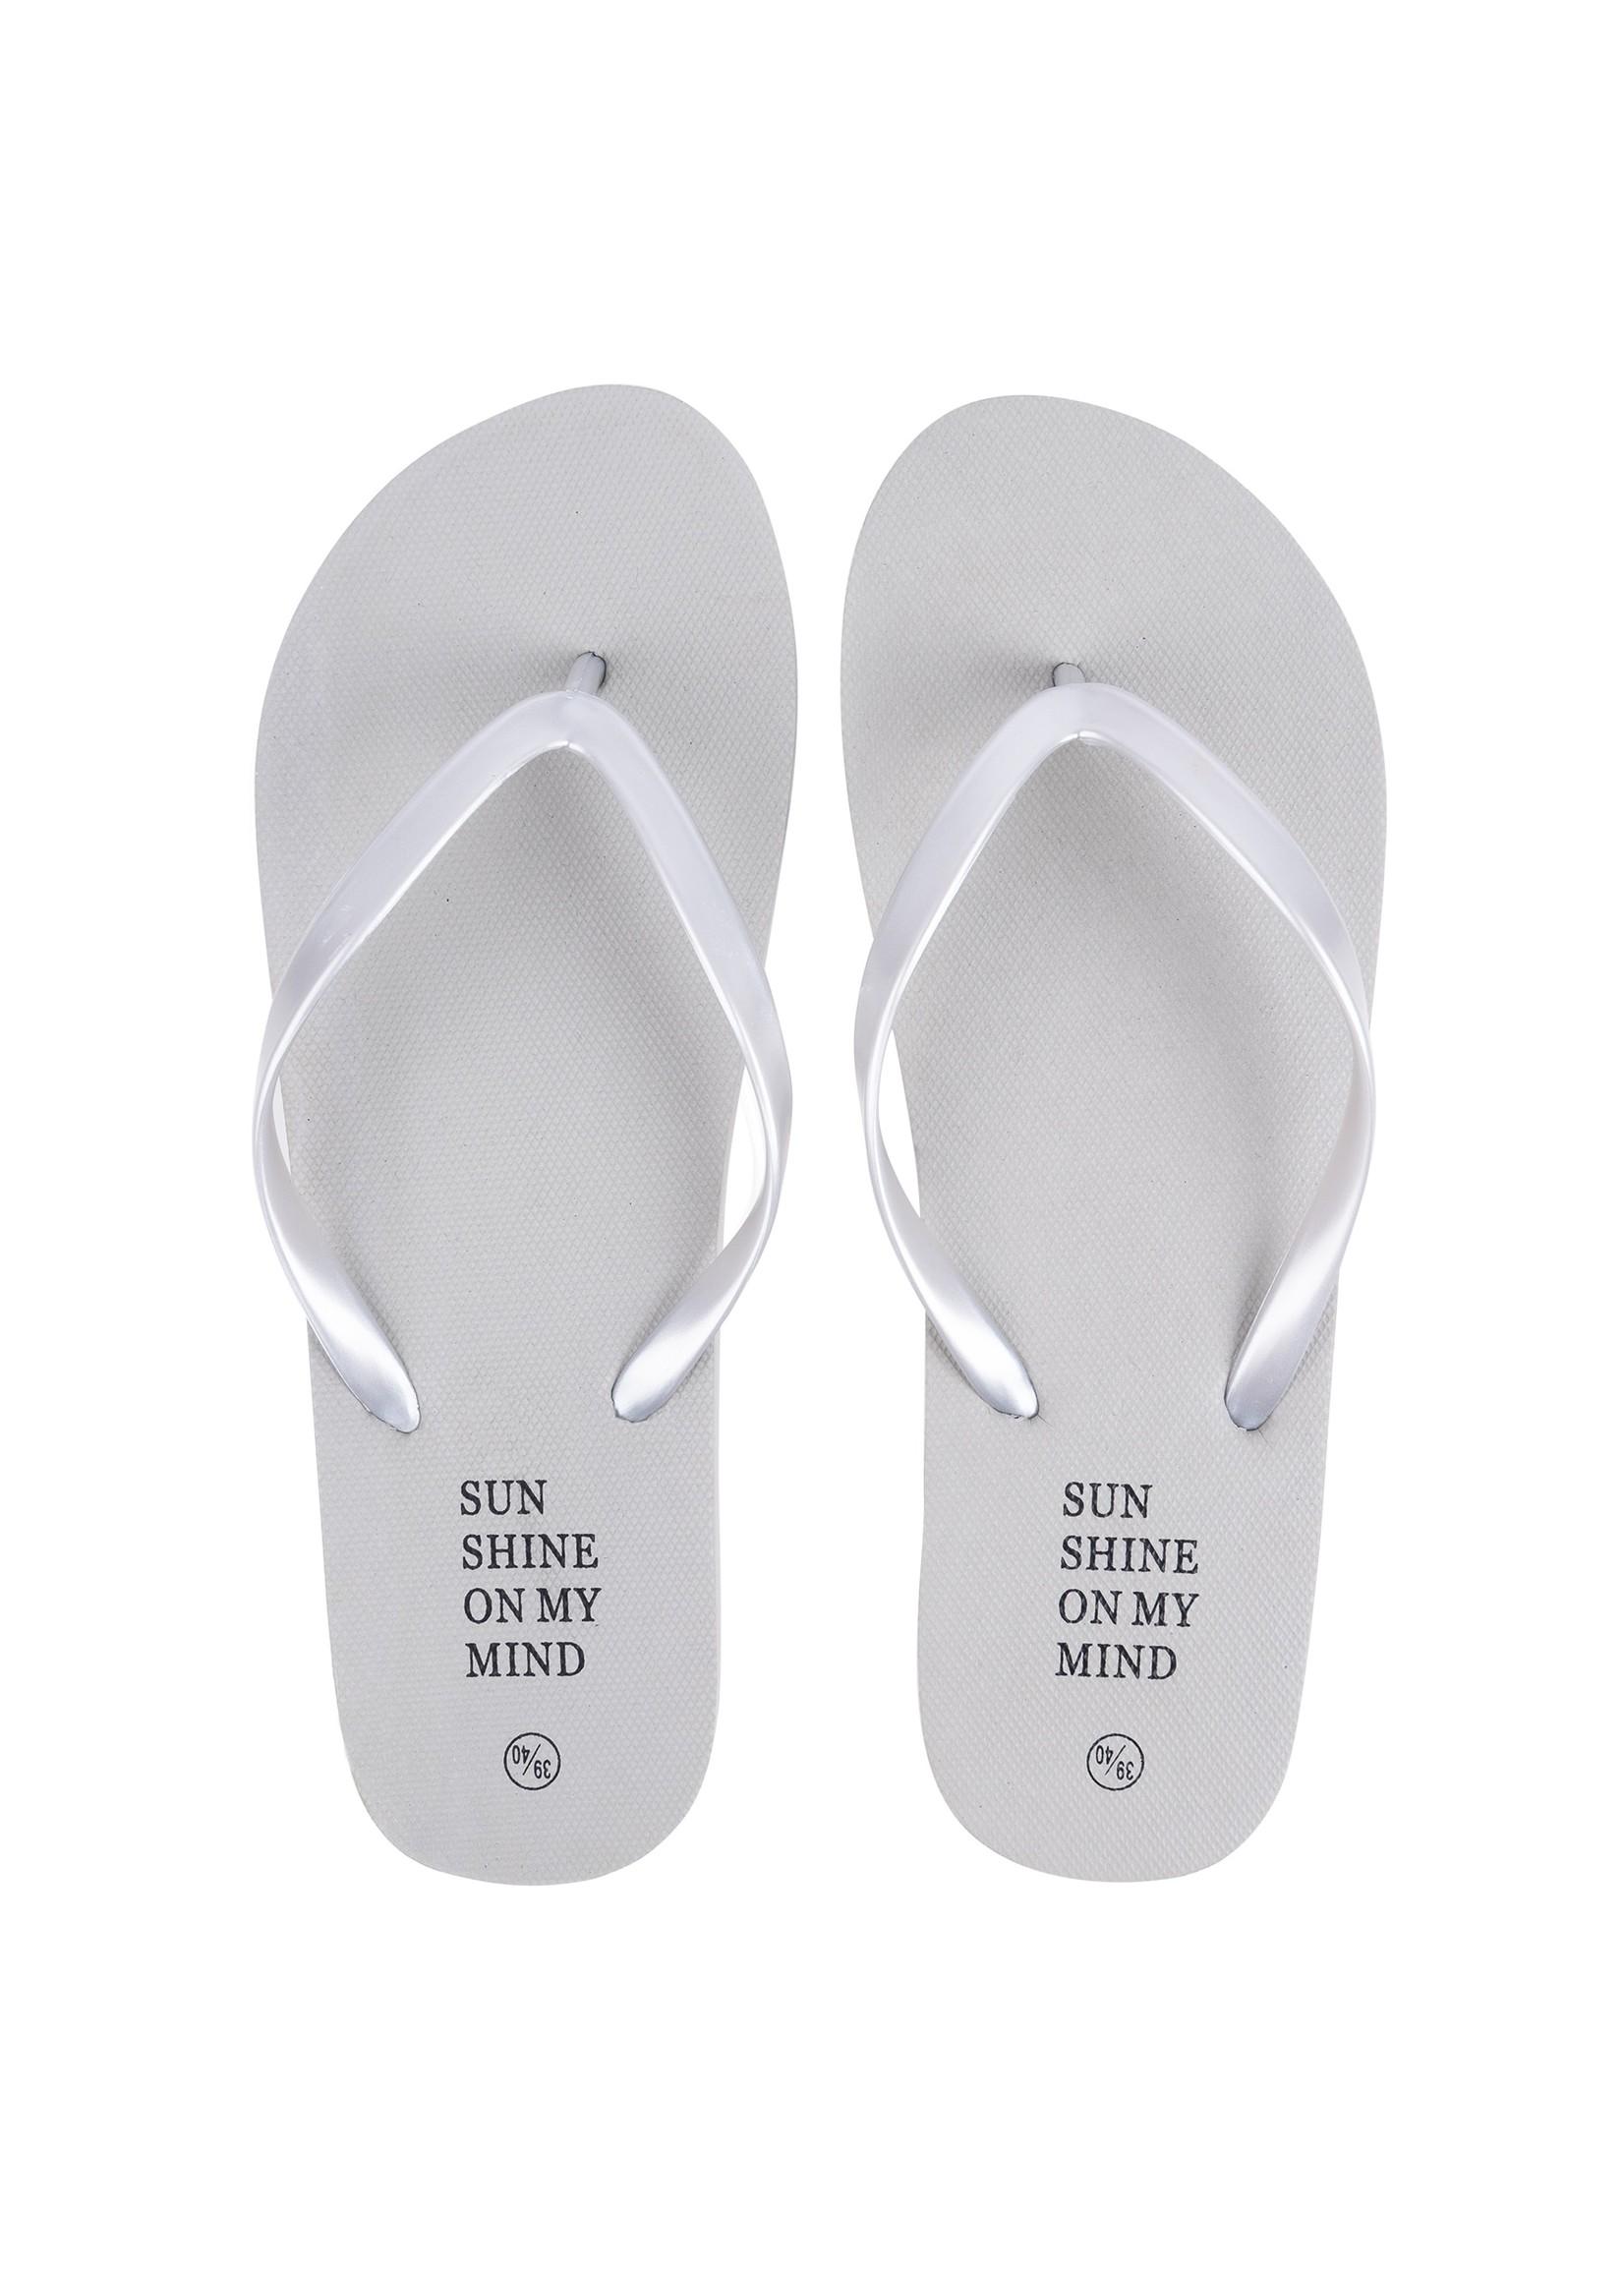 ZUSSS Slippers sunshine on my mind